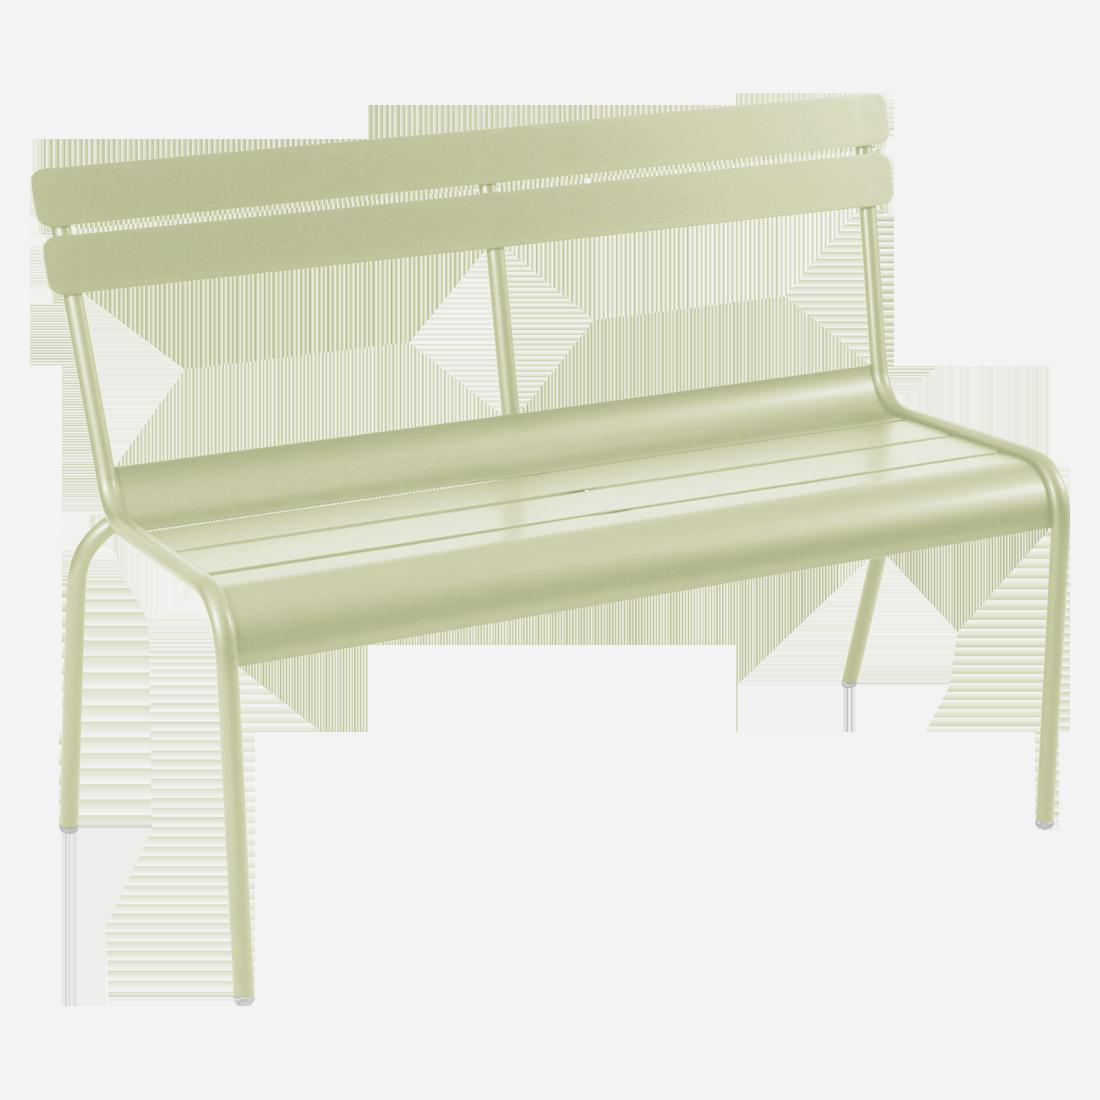 banc avec dossier luxembourg de fermob tilleul. Black Bedroom Furniture Sets. Home Design Ideas